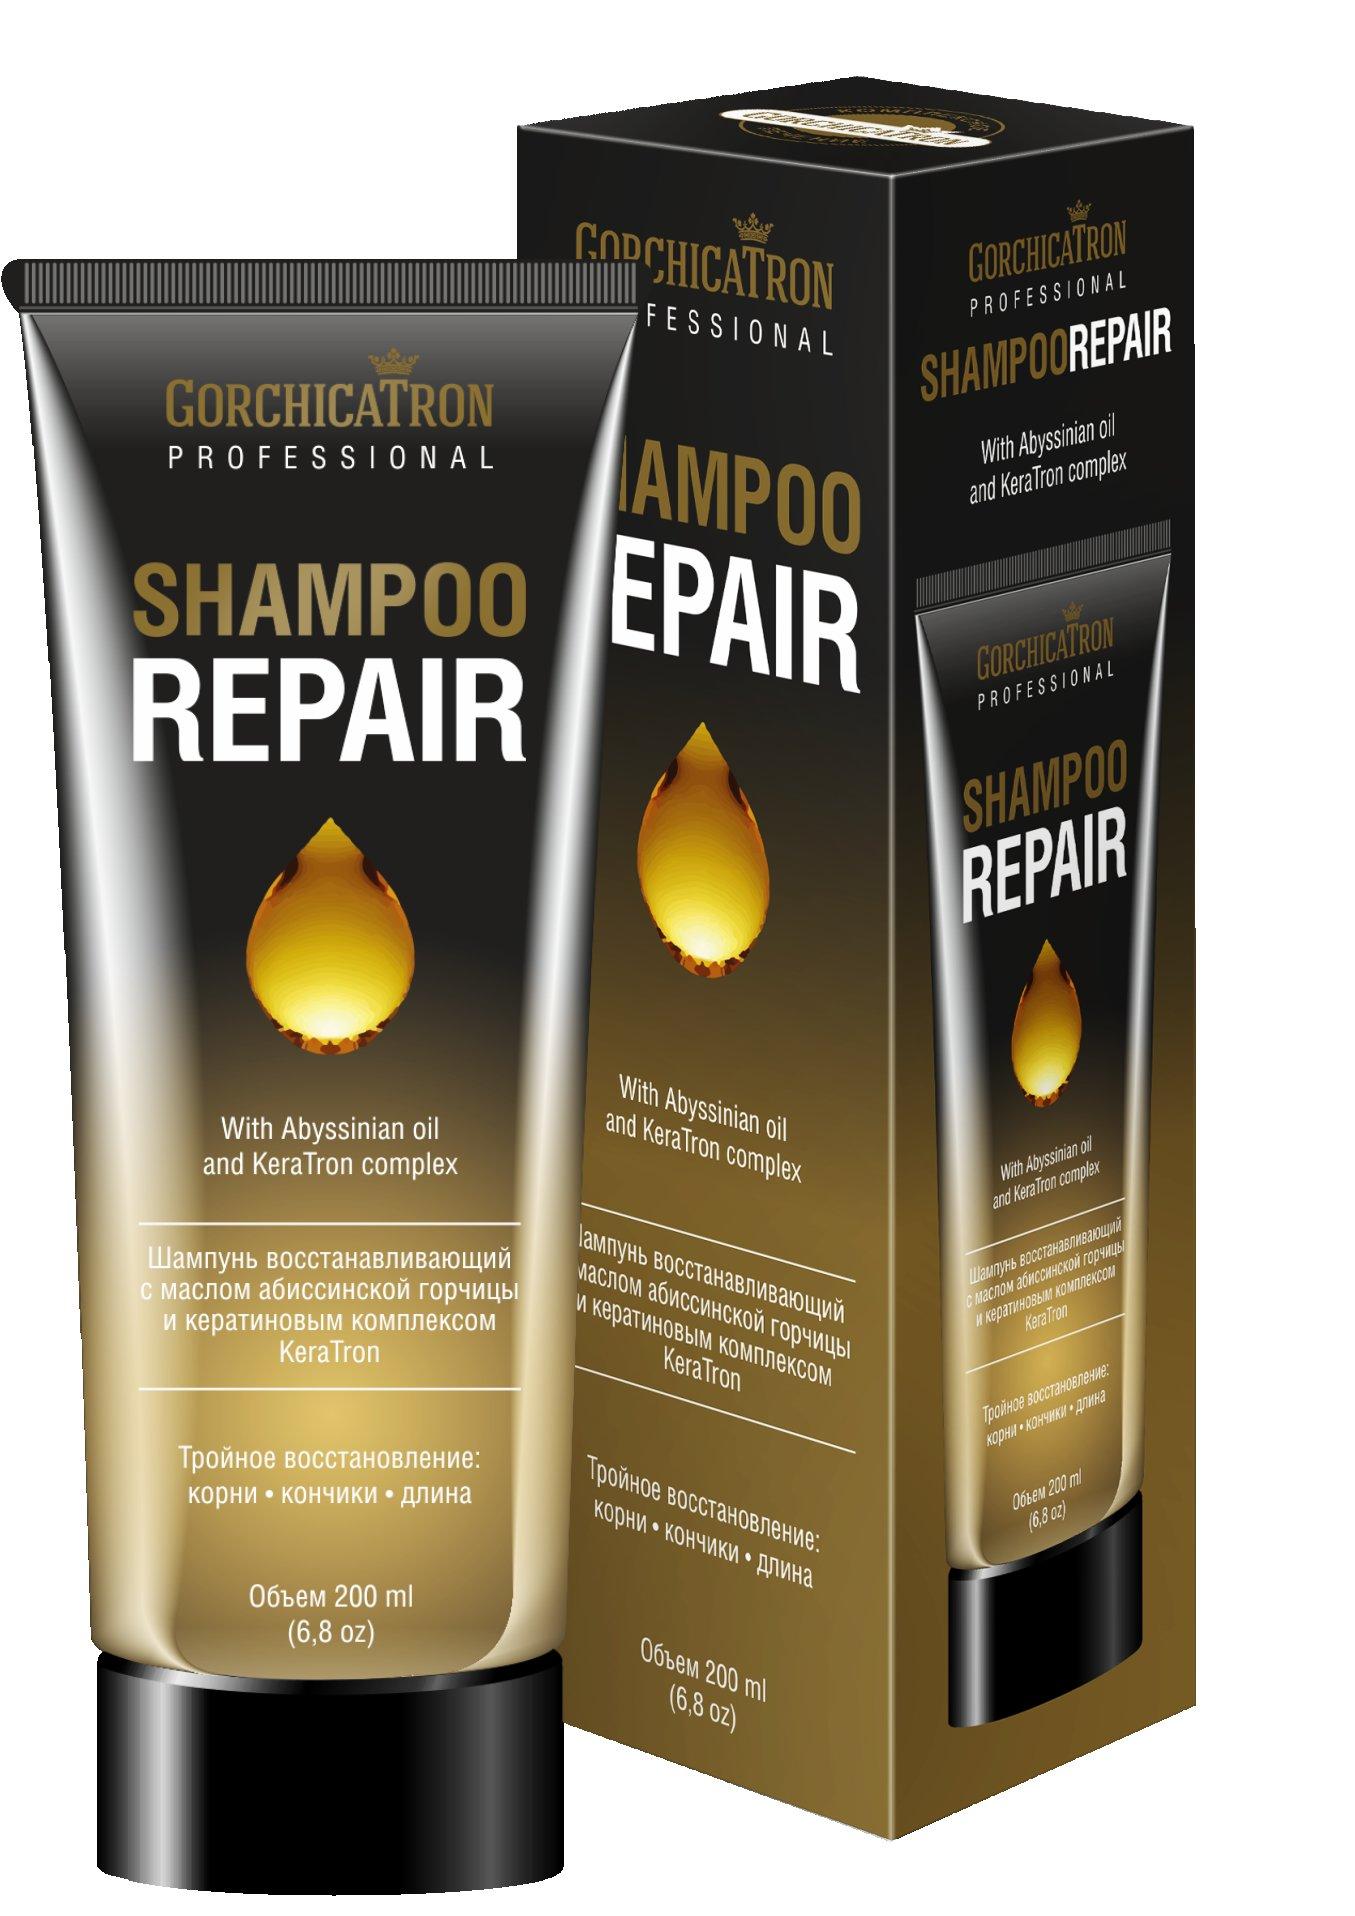 Shampoo Repair Gorchicatron ProfessionalGorchicatron Professional<br>Производство: Россия Новейшая разработка среди средств для красивых, здоровых волос. Шампунь  GorchicaTron® обеспечивает тройное восстановление волос - от корней до самых кончиков. Активные компоненты в составе шампуня насыщают волосы питательными веществами, восстанавливают поврежденную структуру волос, придают им жизненную силу. Шампунь восстанавливающий с маслом абиссинской горчицы и кератиновым комплексом KeraTron. GorchicaTron® Professional - новейшая разработка среди средств для красивых, здоровых волос. Шампунь GorchicaTron® обеспечивает тройное восстановление волос - от корней до самых кончиков. Активные компоненты в составе шампуня насыщают волосы питательными веществами, восстанавливают поврежденную структуру волос, придают им жизненную силу. После применения шампуня волосы становятся шелковистыми и блестящими. Регулярное использование создает условия для роста волос. Активные действующие компоненты: Масло абиссинской горчицы содержит большое количество полезных ненасыщенных жирных кислот, насыщает волосяные луковицы питательными веществами, стимулируя рост новых, здоровых волос. Легкое, нежирное масло в составе шампуня нормализует процесс кератинизации волоса. Уменьшает воспаление и раздражение чувствительно эпидермиса. Кератиновый комлекс Keratron восстанавливает поврежденную структуру волоса. Кератин является основной белковой составляющей человеческого волоса, заполняя его на 70%-80%. Активные вещества кератинового комплекса Keratron проникая глубоко в структуру каждого волоса, наполняют его и устраняют все возможные недостатки, придают прочность и целостность. Результатом является блеск, усиленная защита и увлажненность волос. Комплекс яичных пептидов является мощным источником витаминов группы В и минералов, прекрасно питает, тонизирует и смягчает кожу головы. Способ применения: нанесите шампунь на мокрые волосы и кожу головы, помассируйте, затем смойте. Нанесите шампунь повторно, р